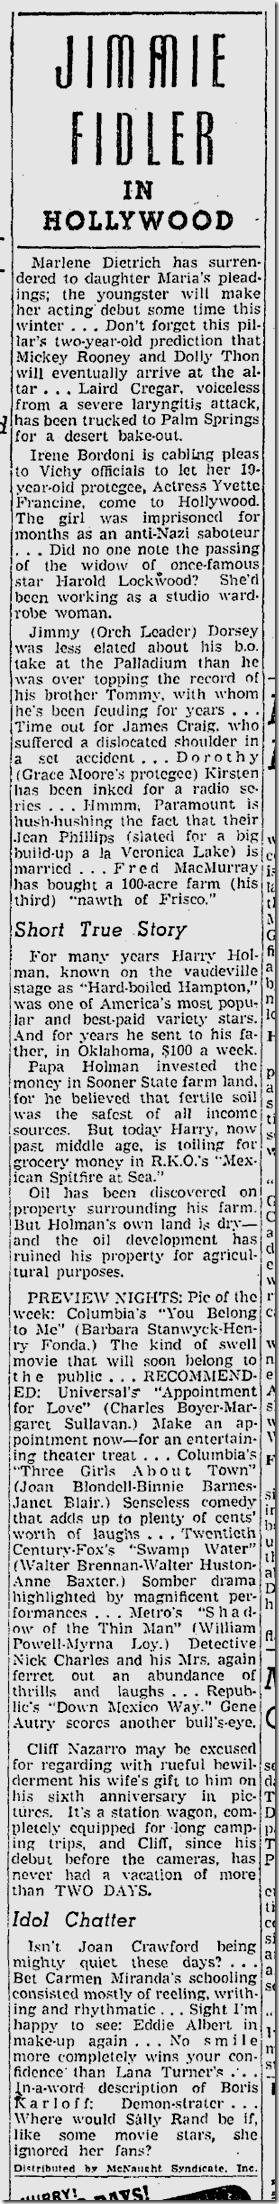 Oct. 28, 1941, Jimmie Fidler